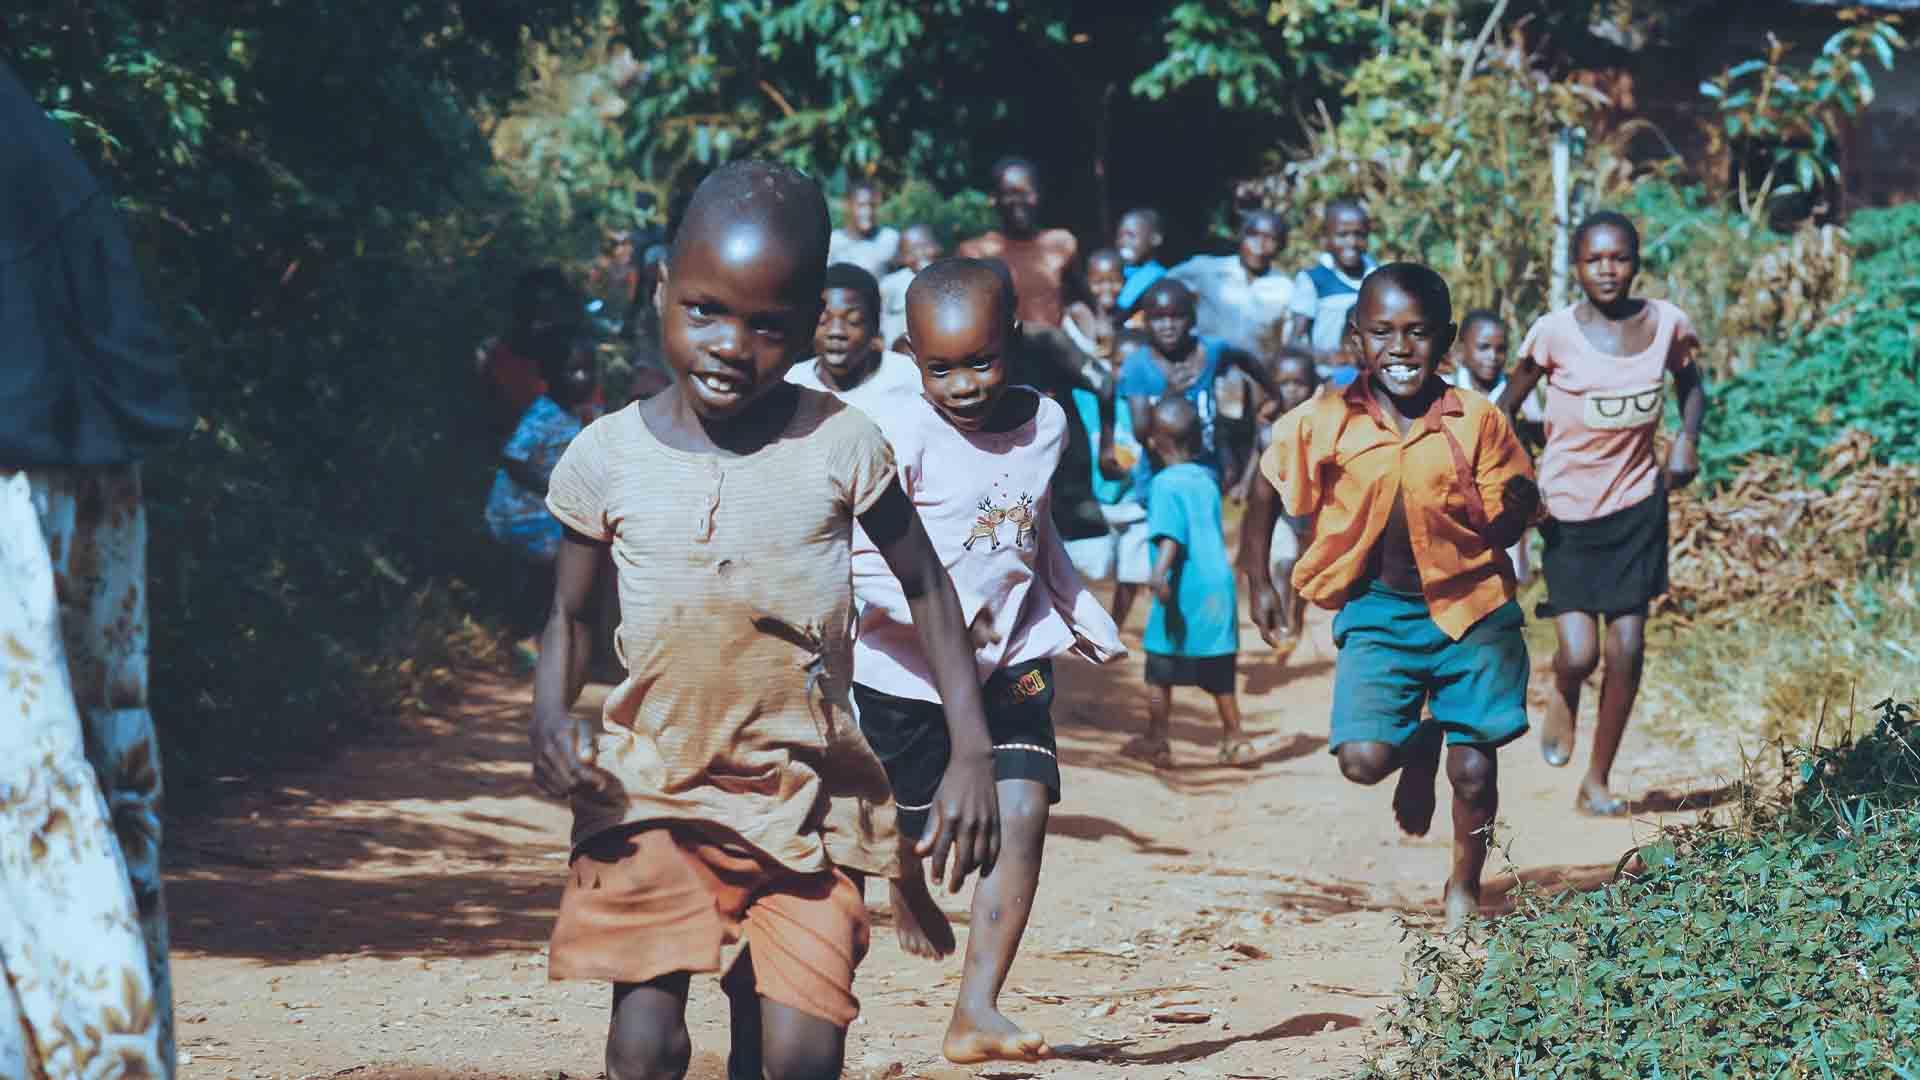 Silvia prestava volontariato in Kenya quando è stata rapita